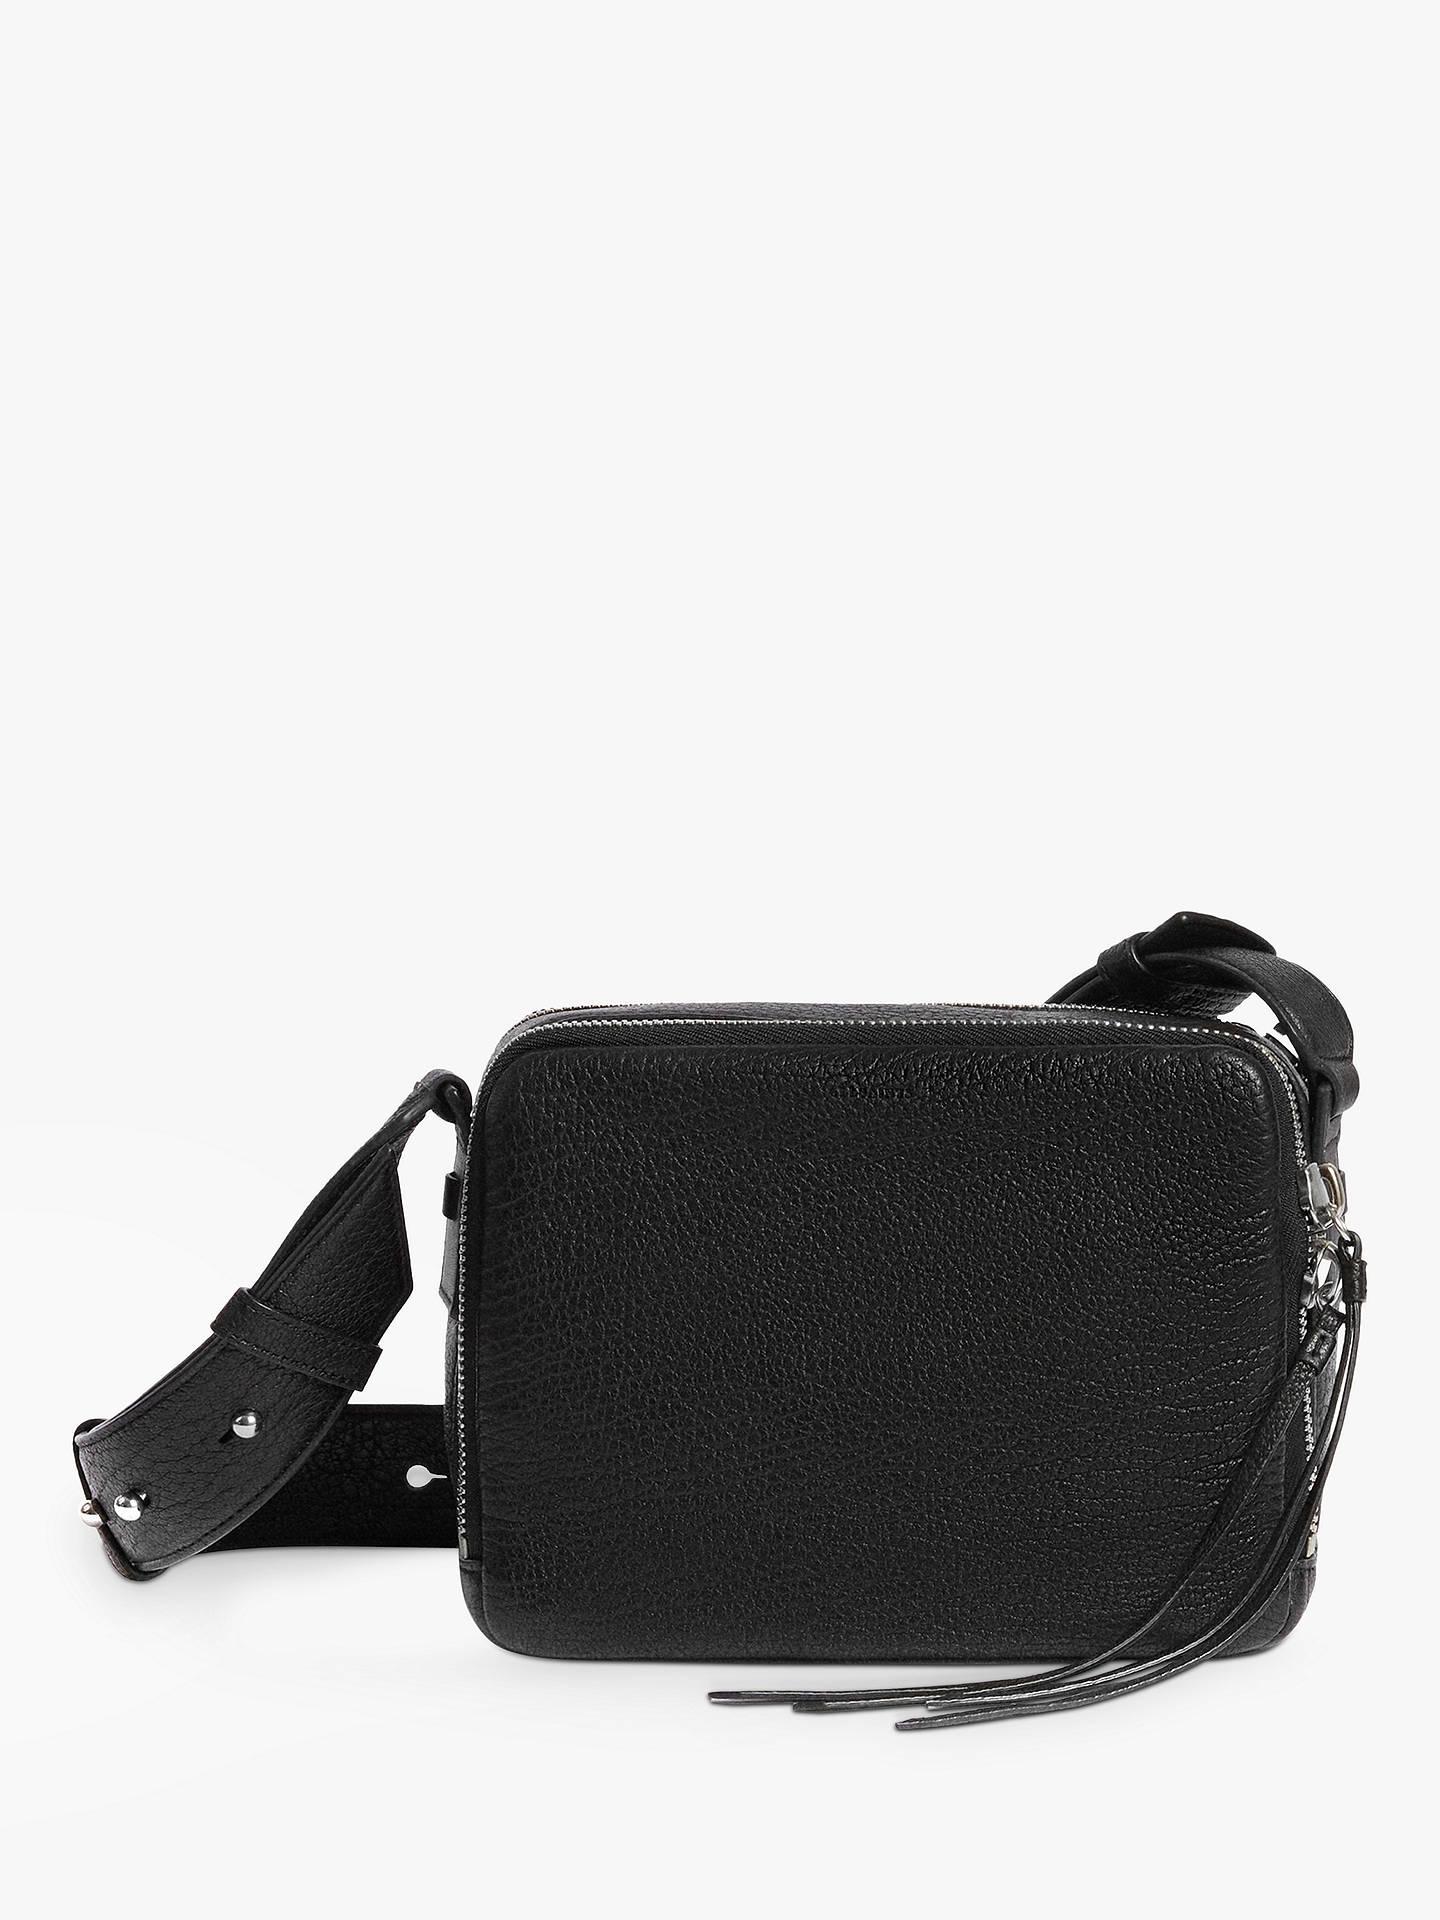 meticulous dyeing processes Sales promotion online sale AllSaints Vincent Leather Cross Body Bag, Black